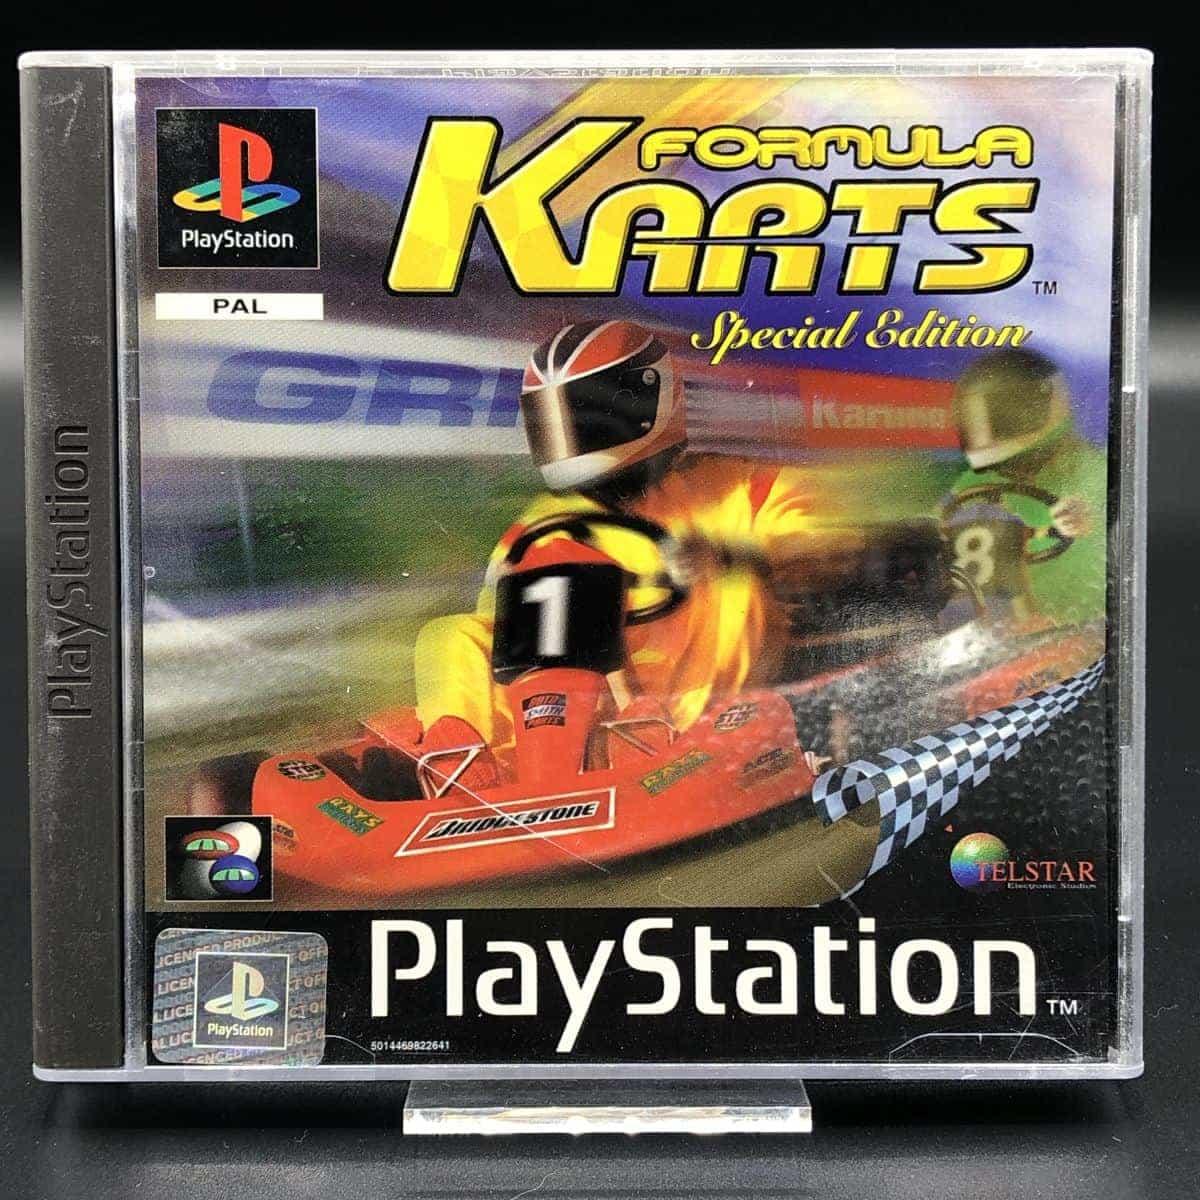 PS1 Formula Karts Special Edition (Komplett) (Sehr gut) Sony PlayStation 1